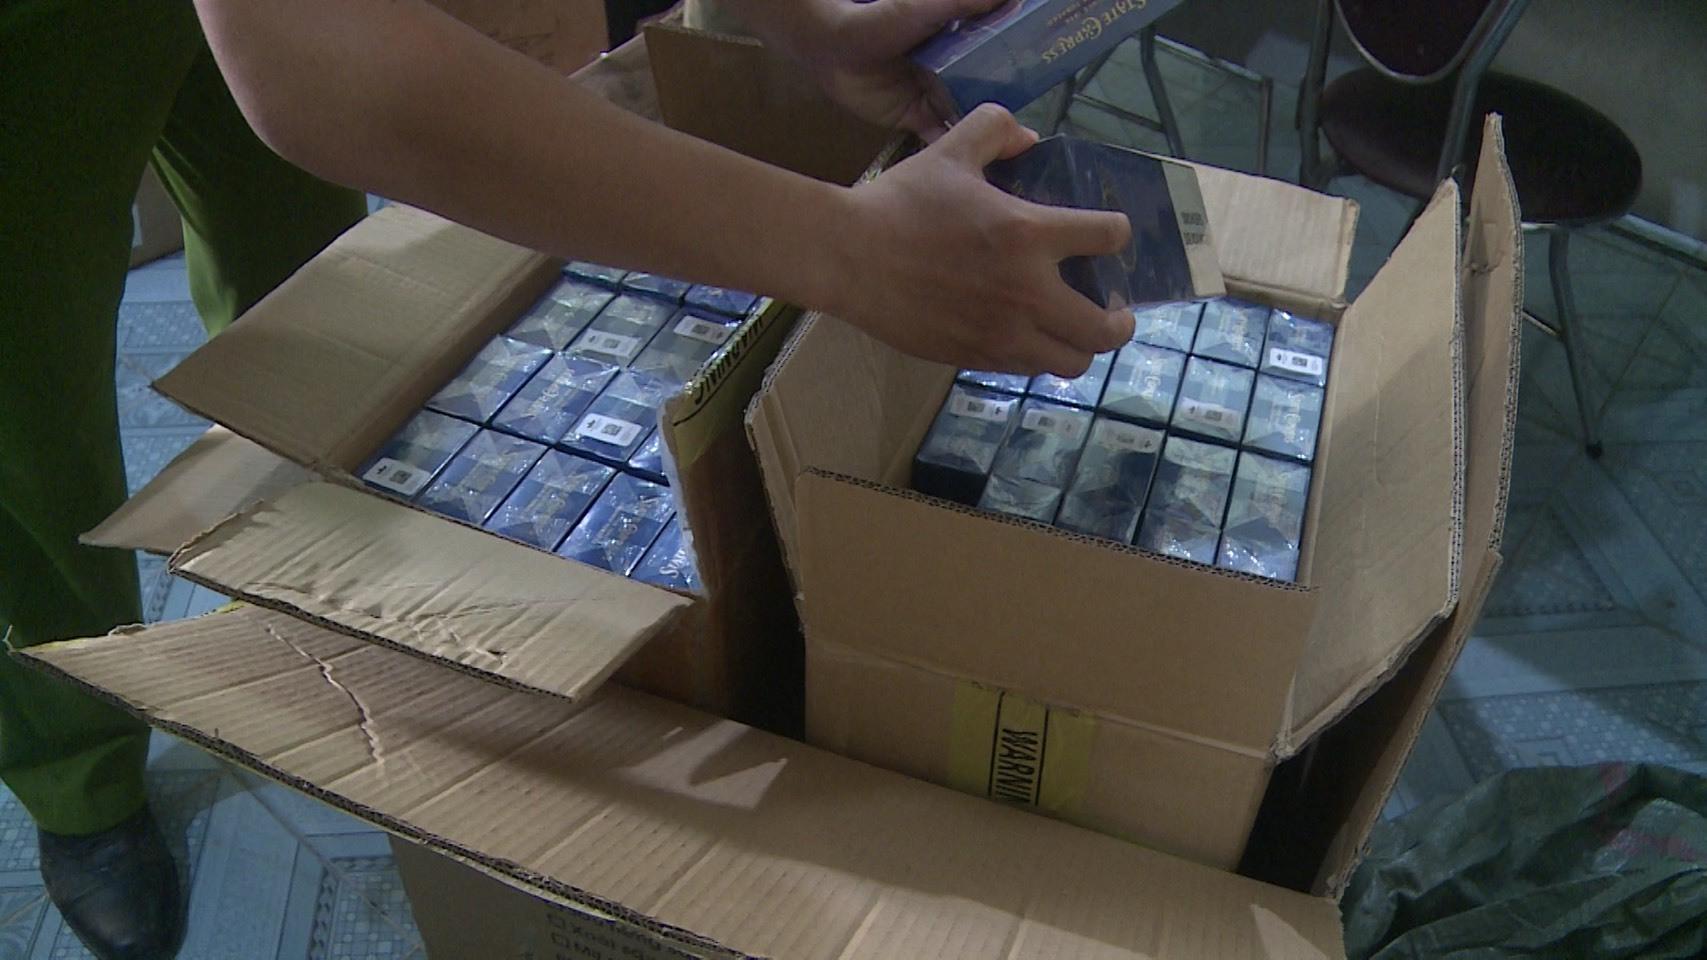 Phú Yên tạm giữ 1.000 bao thuốc lá nhập lậu